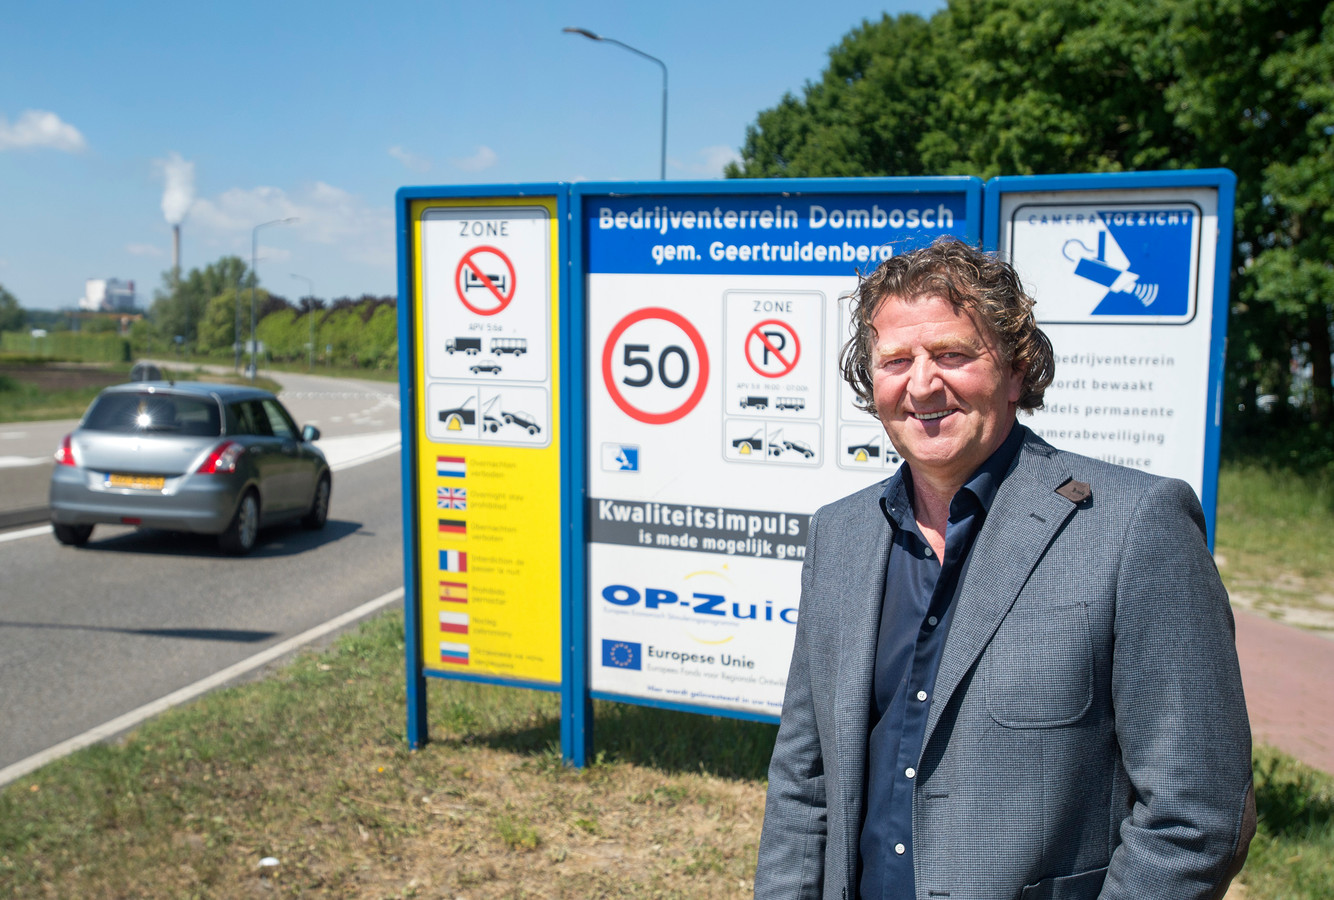 Louis de wit vertrekt als voorzitter van ondernemersvereniging VOG, waarvan industrieterrein Dombosch een belangrijke pijler is